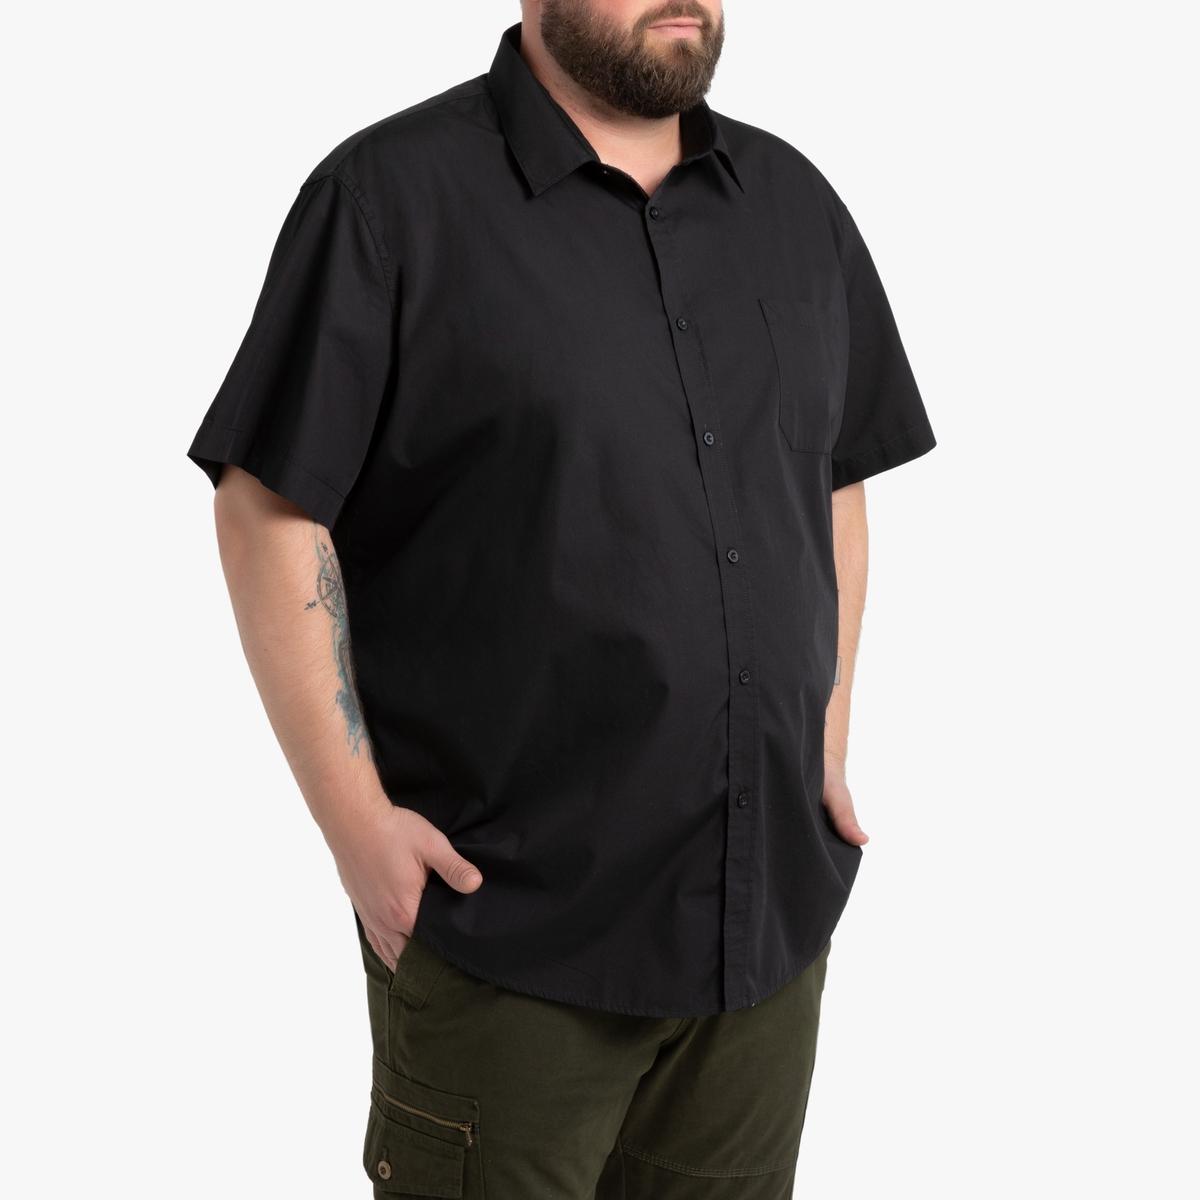 Фото - Рубашка LaRedoute Прямого покроя с рисунком из коллекции больших размеров 51/52 черный юбка laredoute джинсовая прямого покроя xs синий